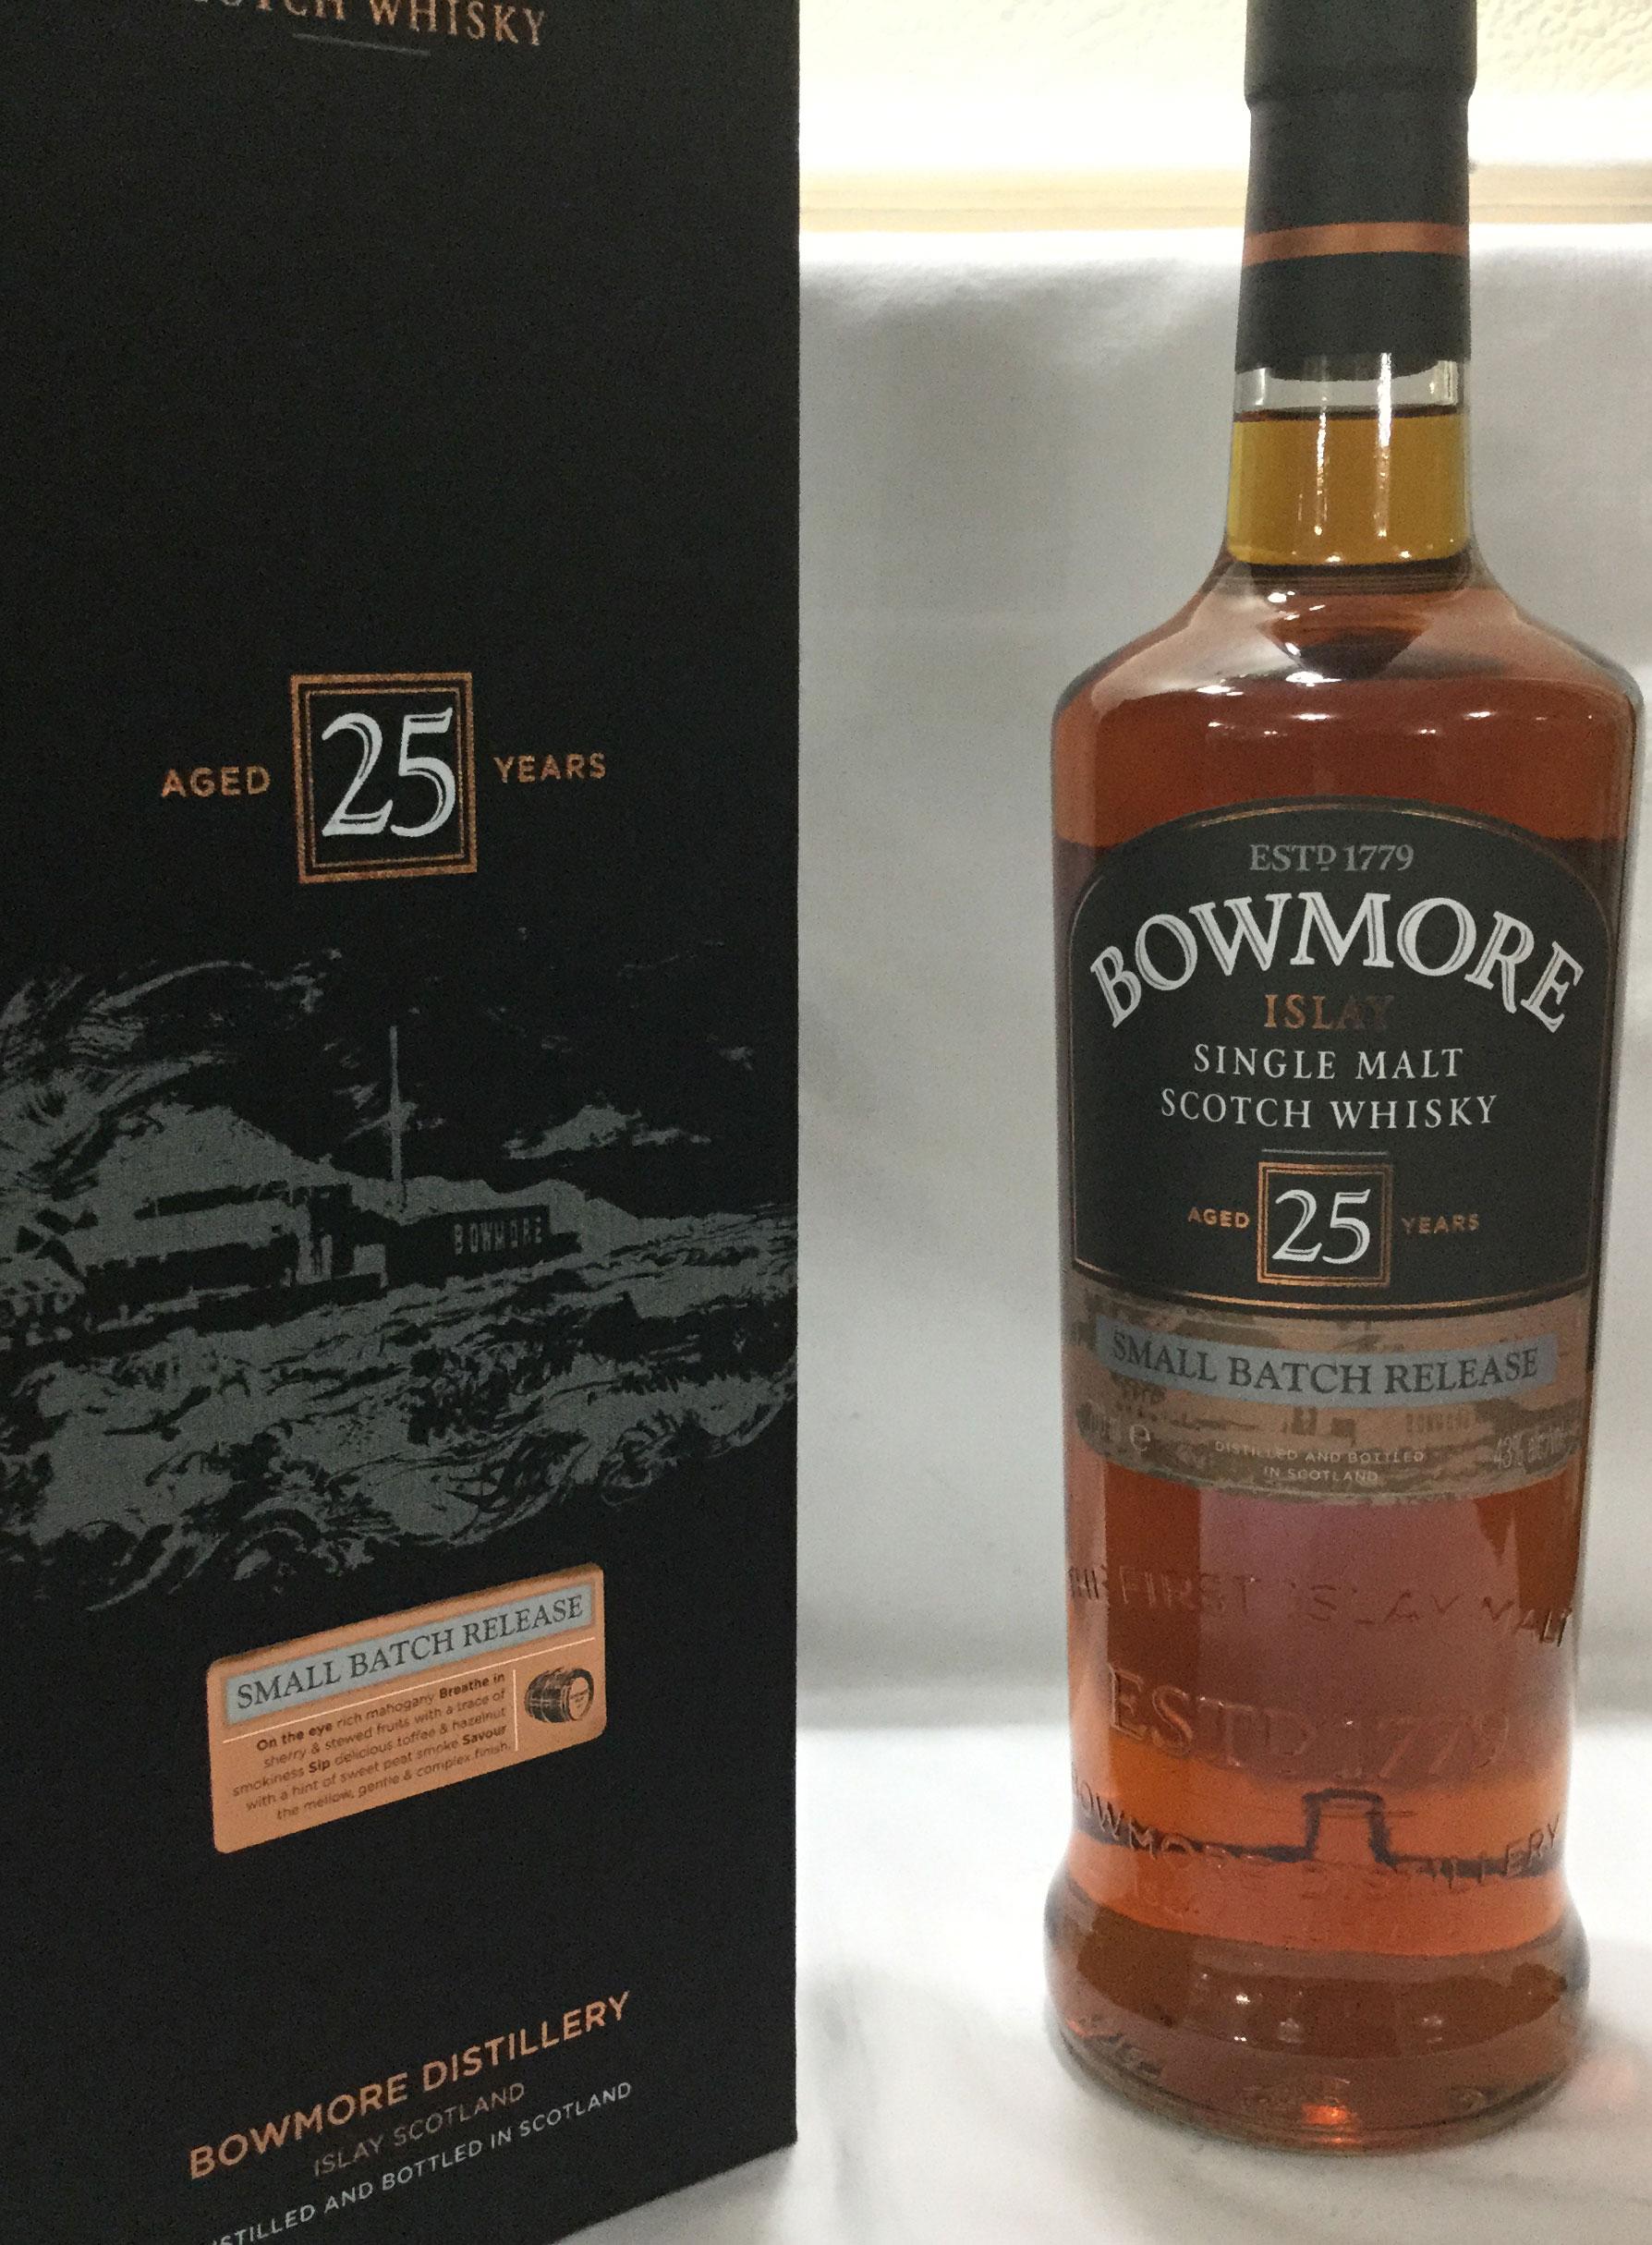 Bowmore 25 Year Old – single malt scotch